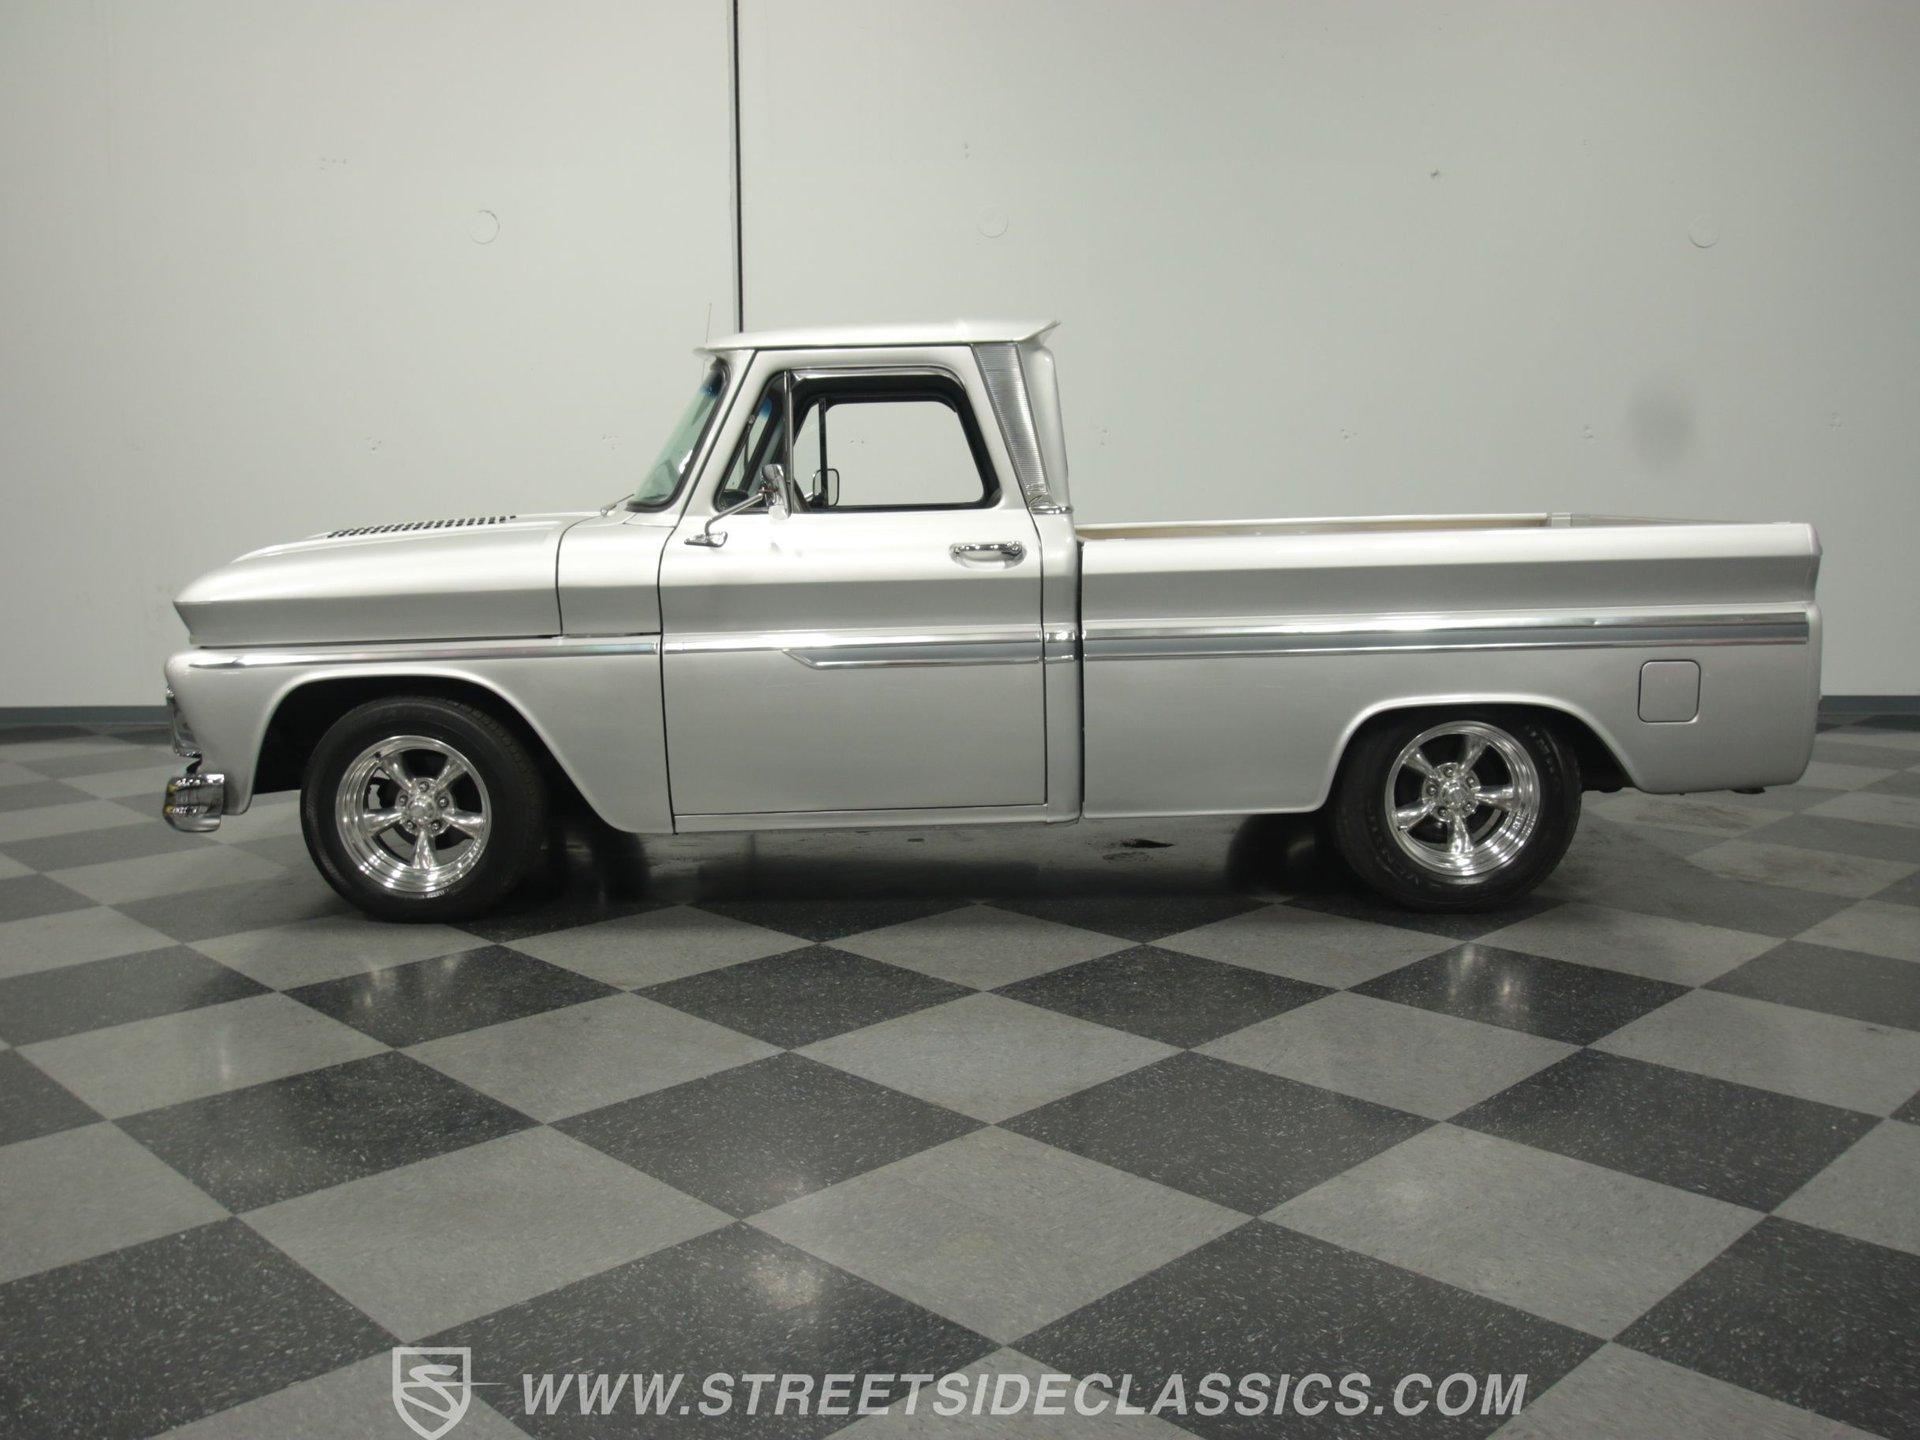 1966 chevrolet c10 restomod